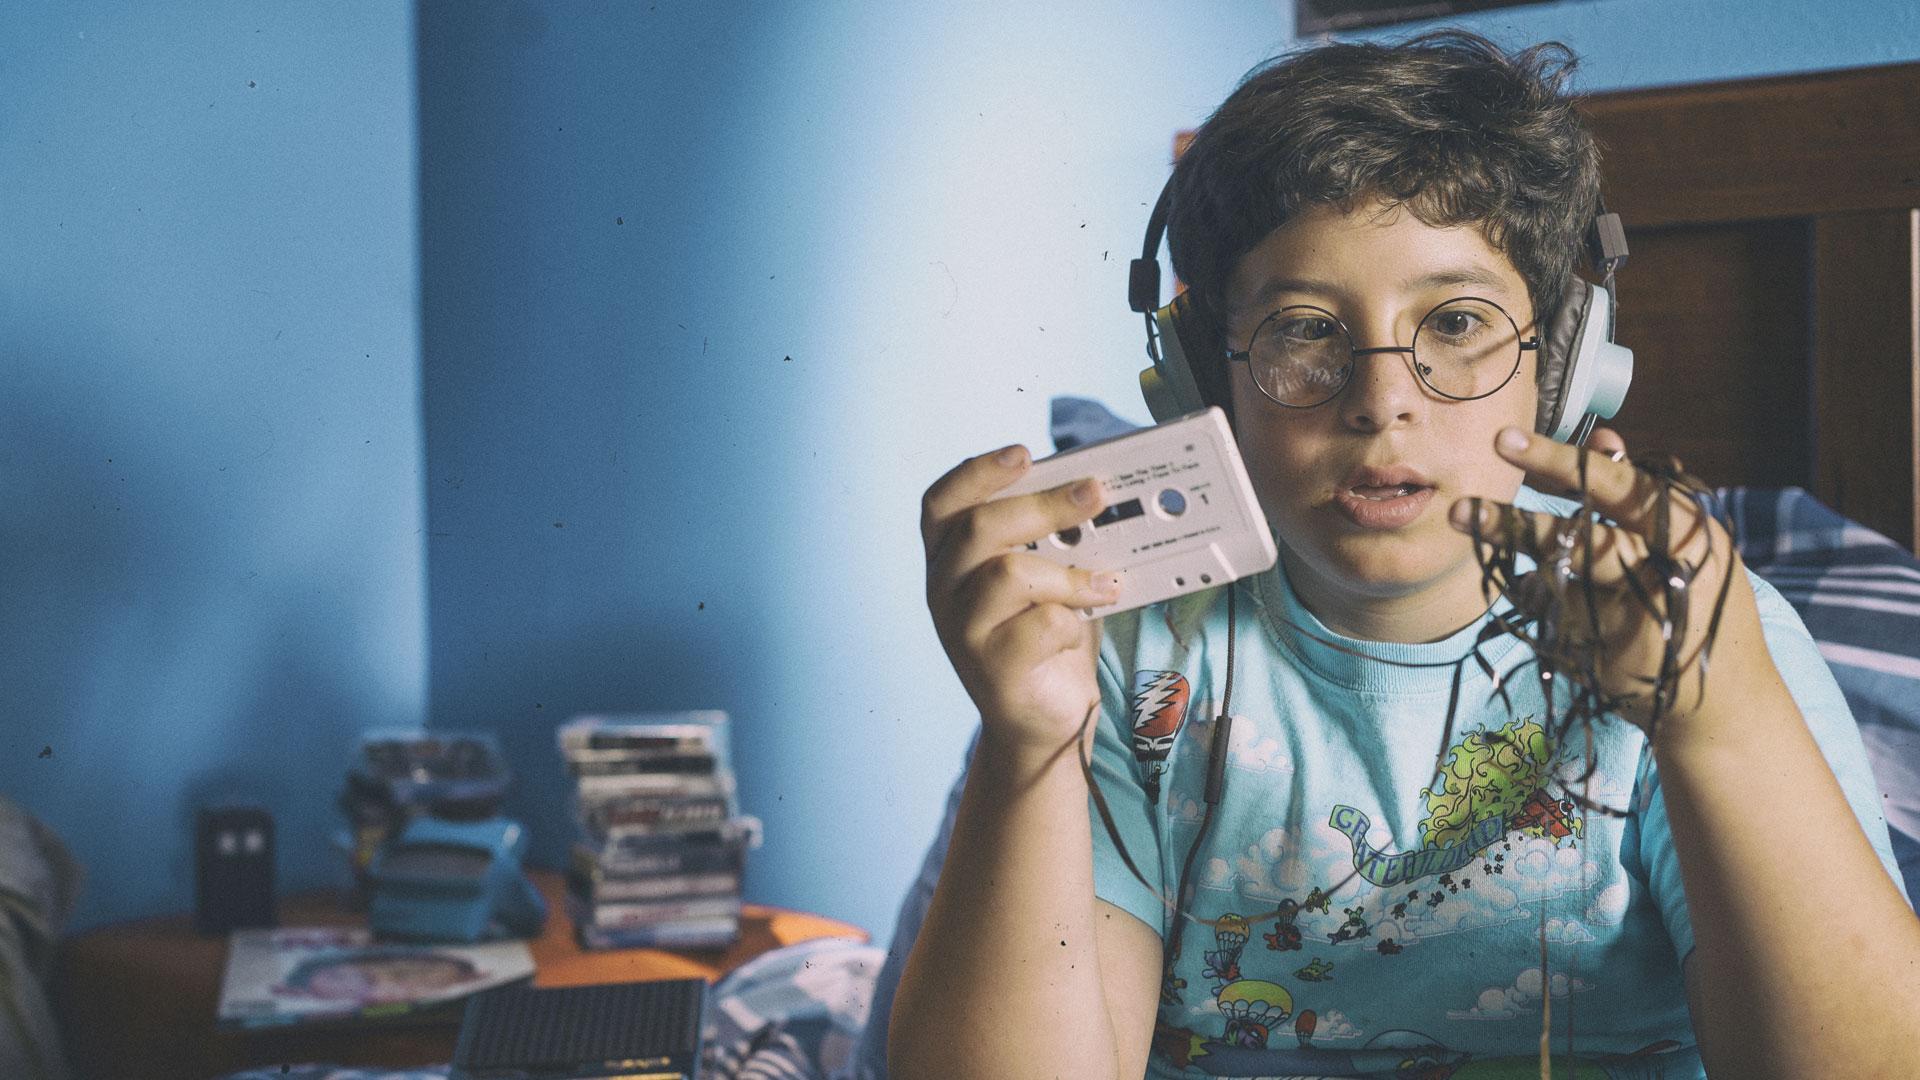 Chris Andrus: Natural Born Audio Tech